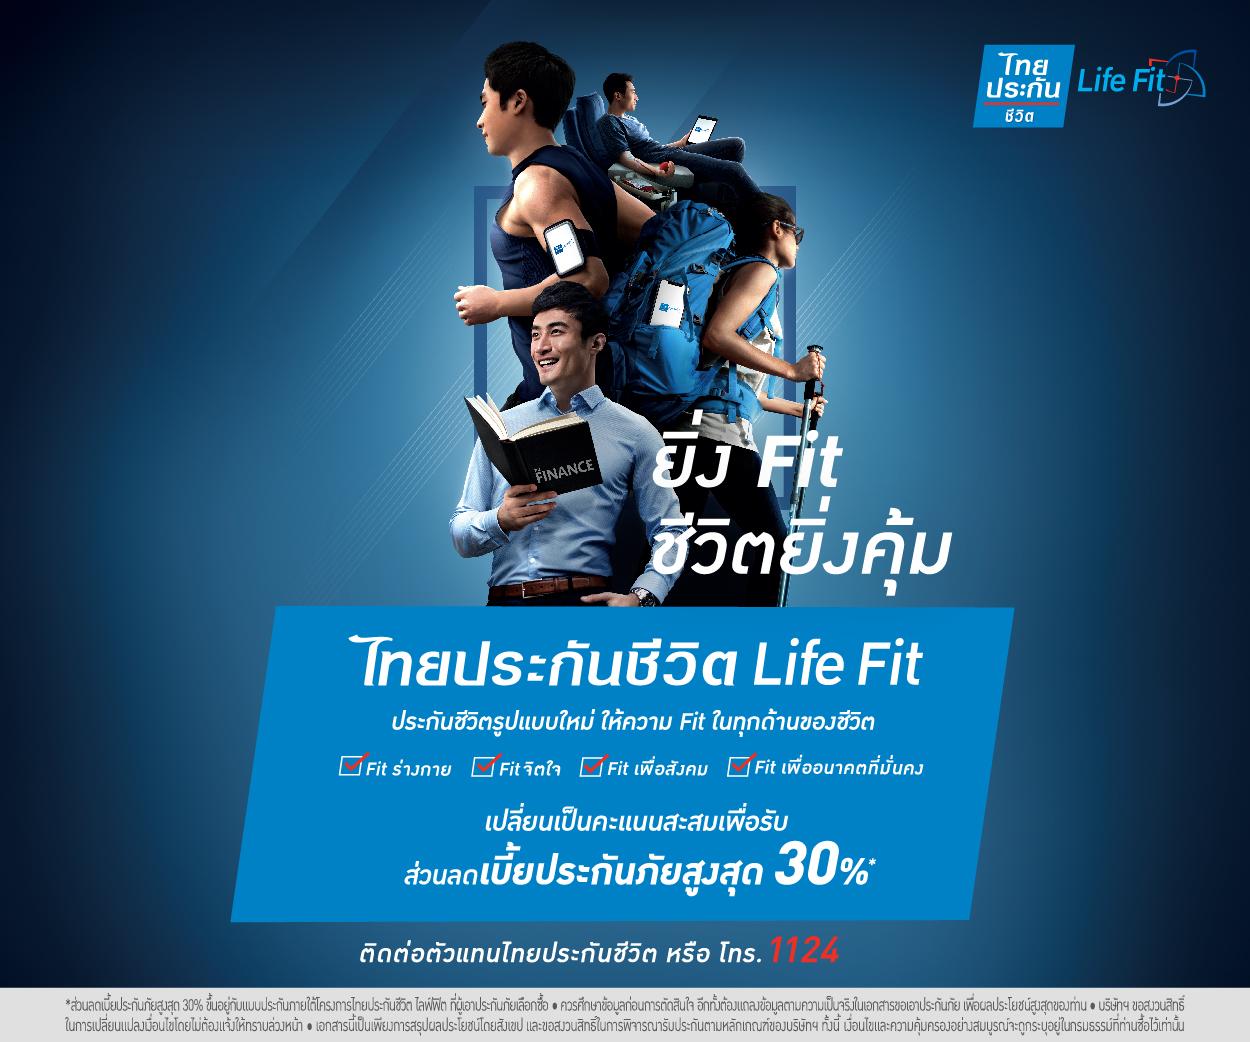 Thailife Life Fit